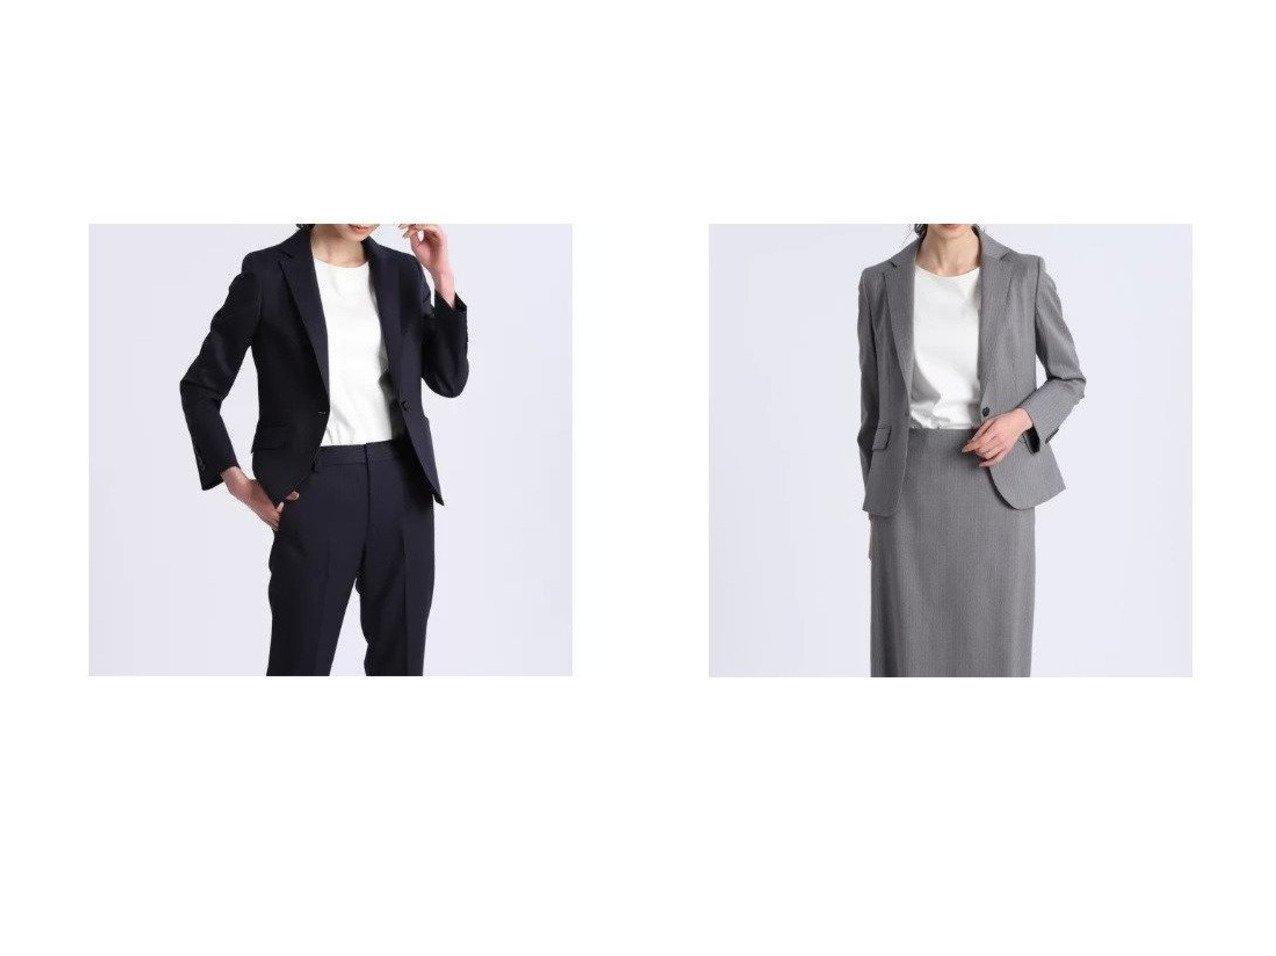 【INED/イネド】のシルクウールストライプジャケット 【アウター】おすすめ!人気、トレンド・レディースファッションの通販 おすすめで人気の流行・トレンド、ファッションの通販商品 メンズファッション・キッズファッション・インテリア・家具・レディースファッション・服の通販 founy(ファニー) https://founy.com/ ファッション Fashion レディースファッション WOMEN アウター Coat Outerwear ジャケット Jackets シルク ストライプ スマート ポケット ラグジュアリー |ID:crp329100000032427